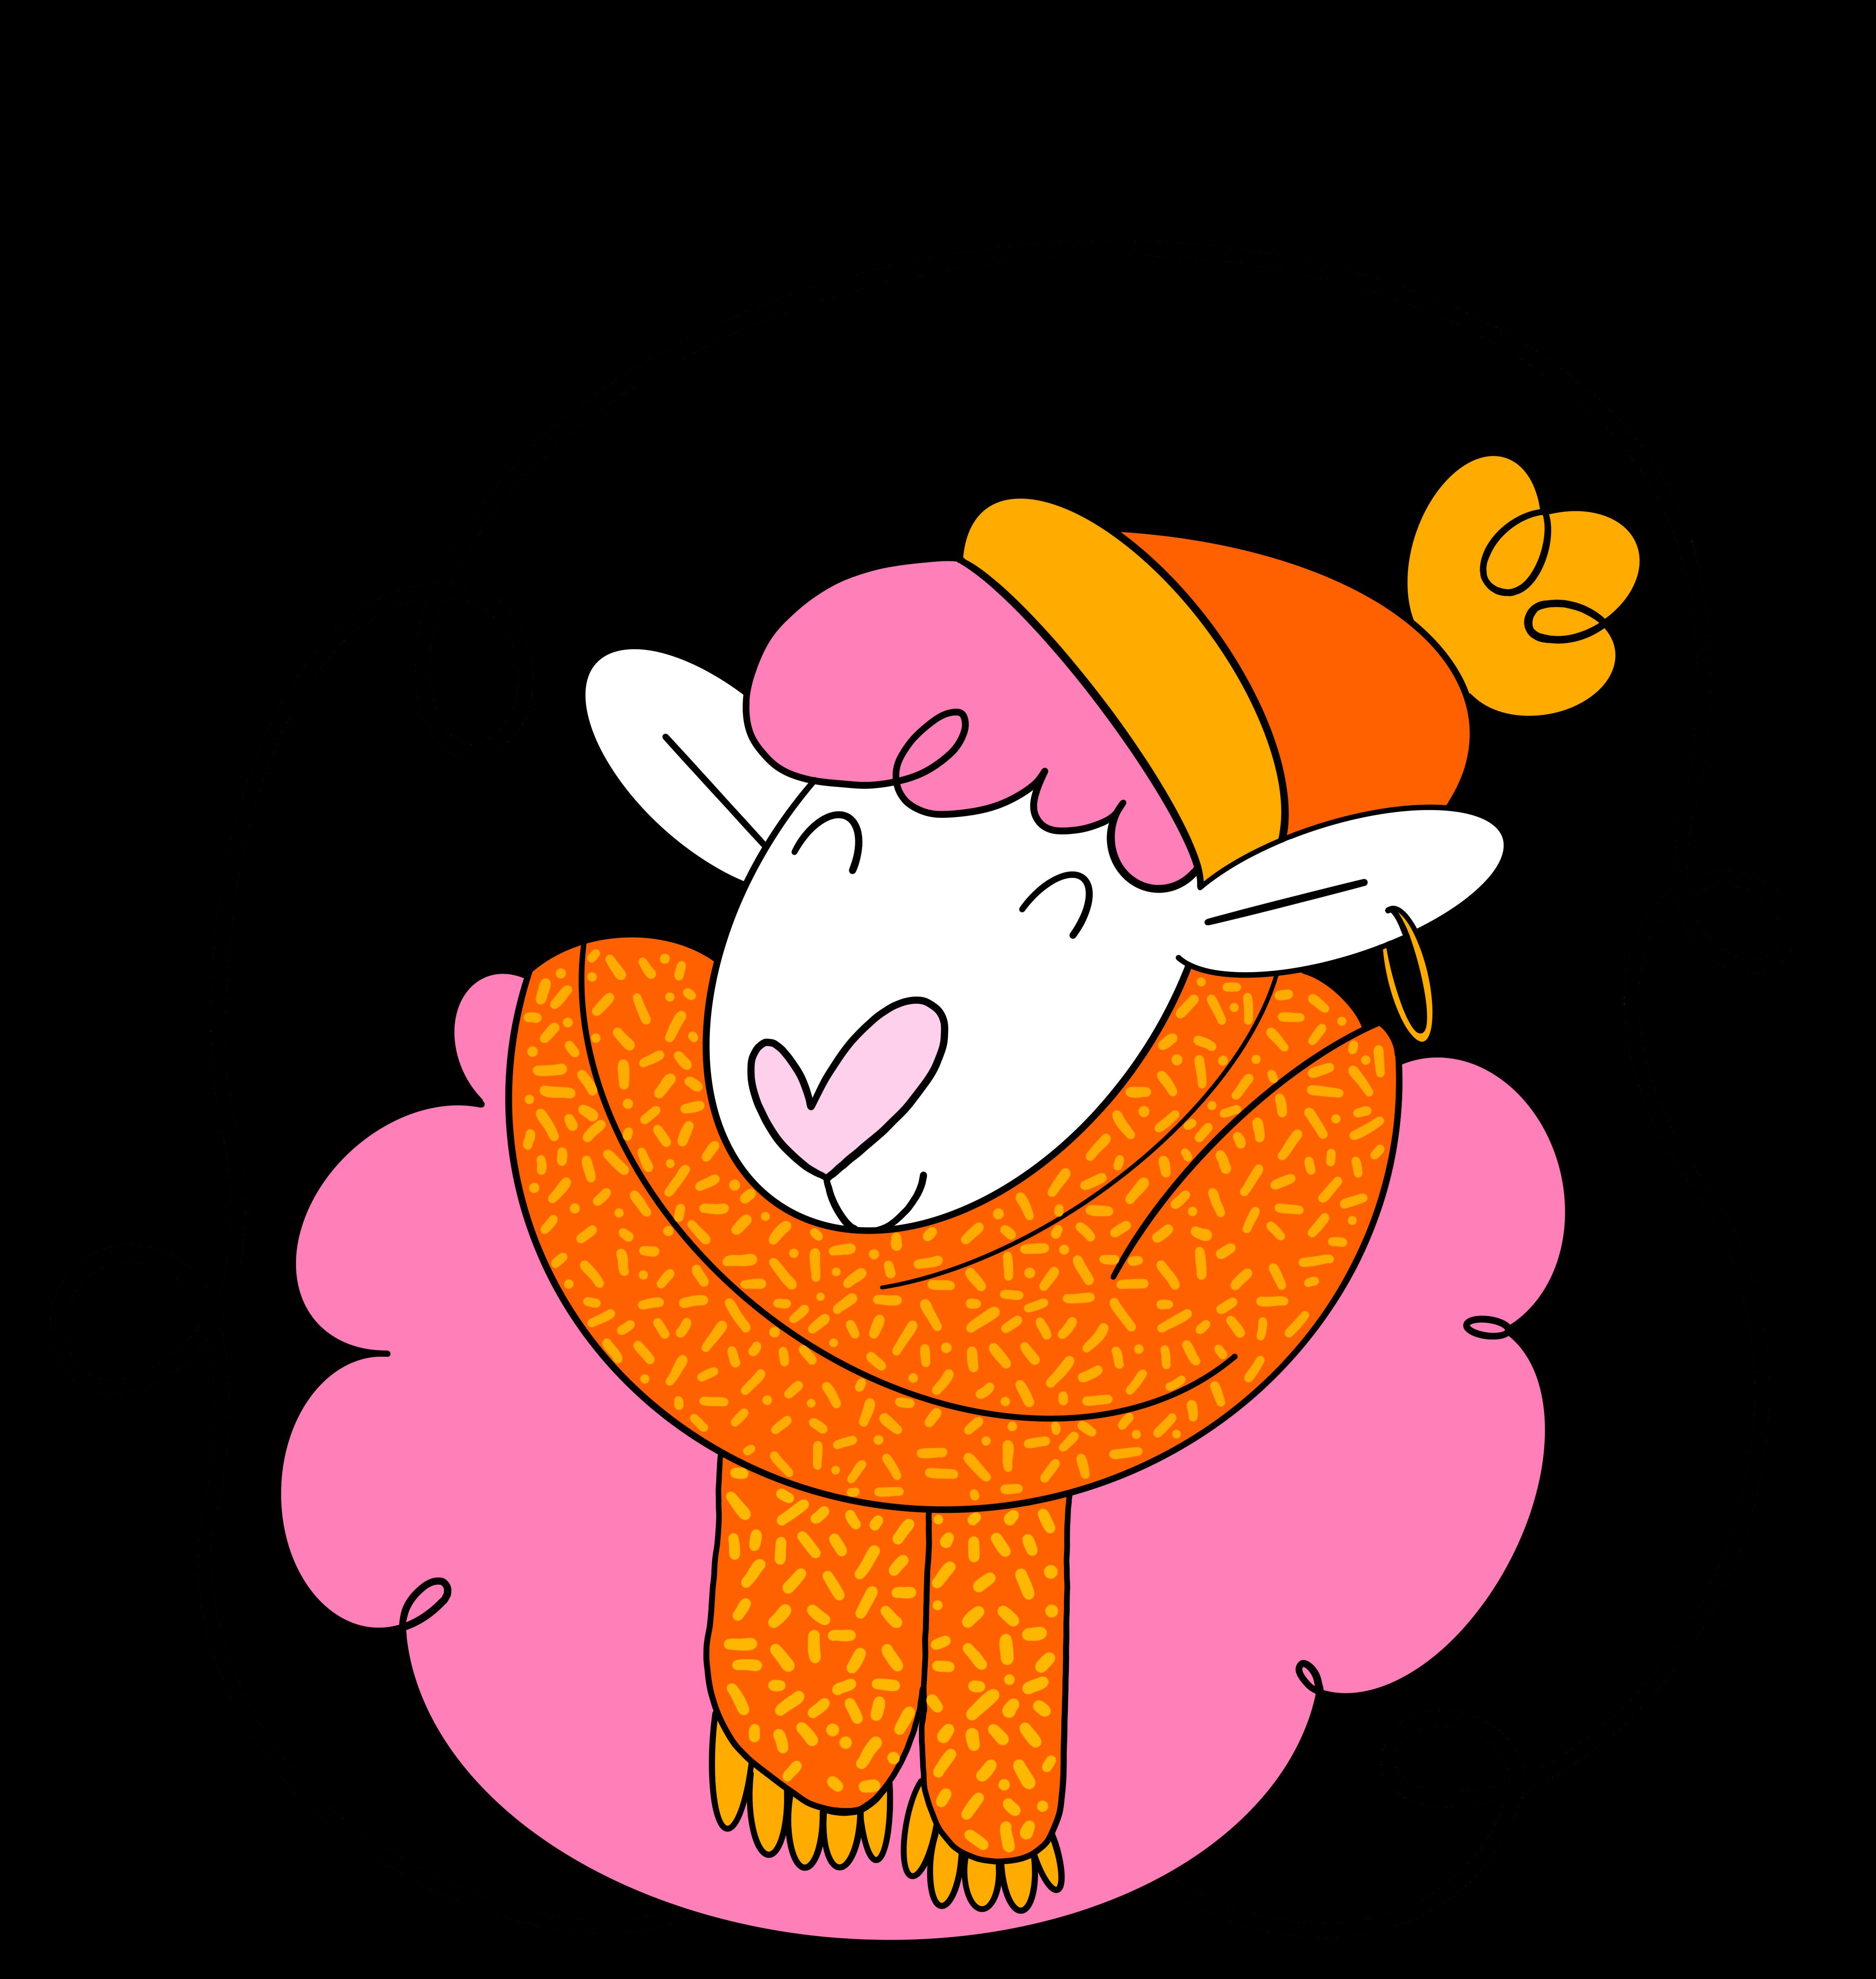 PINK SHEEP DESIGN